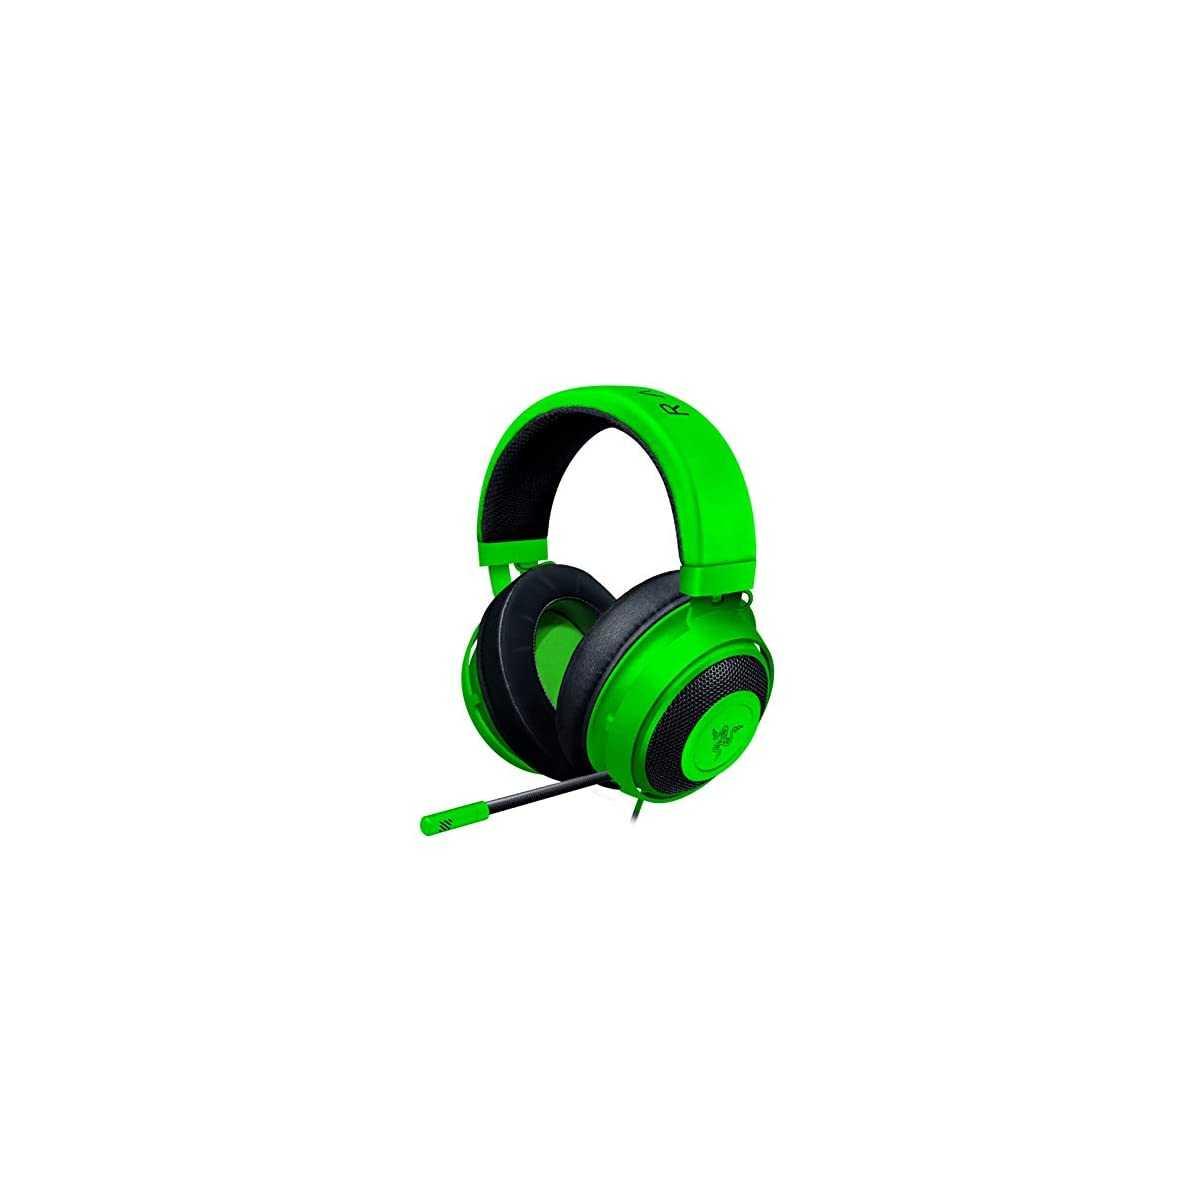 Сегодня 15 ноября компания Razer представила игровые наушники Kraken Ultimate Модель получила новую технологию шумоподавления Гарнитура уже в продаже Стоимость